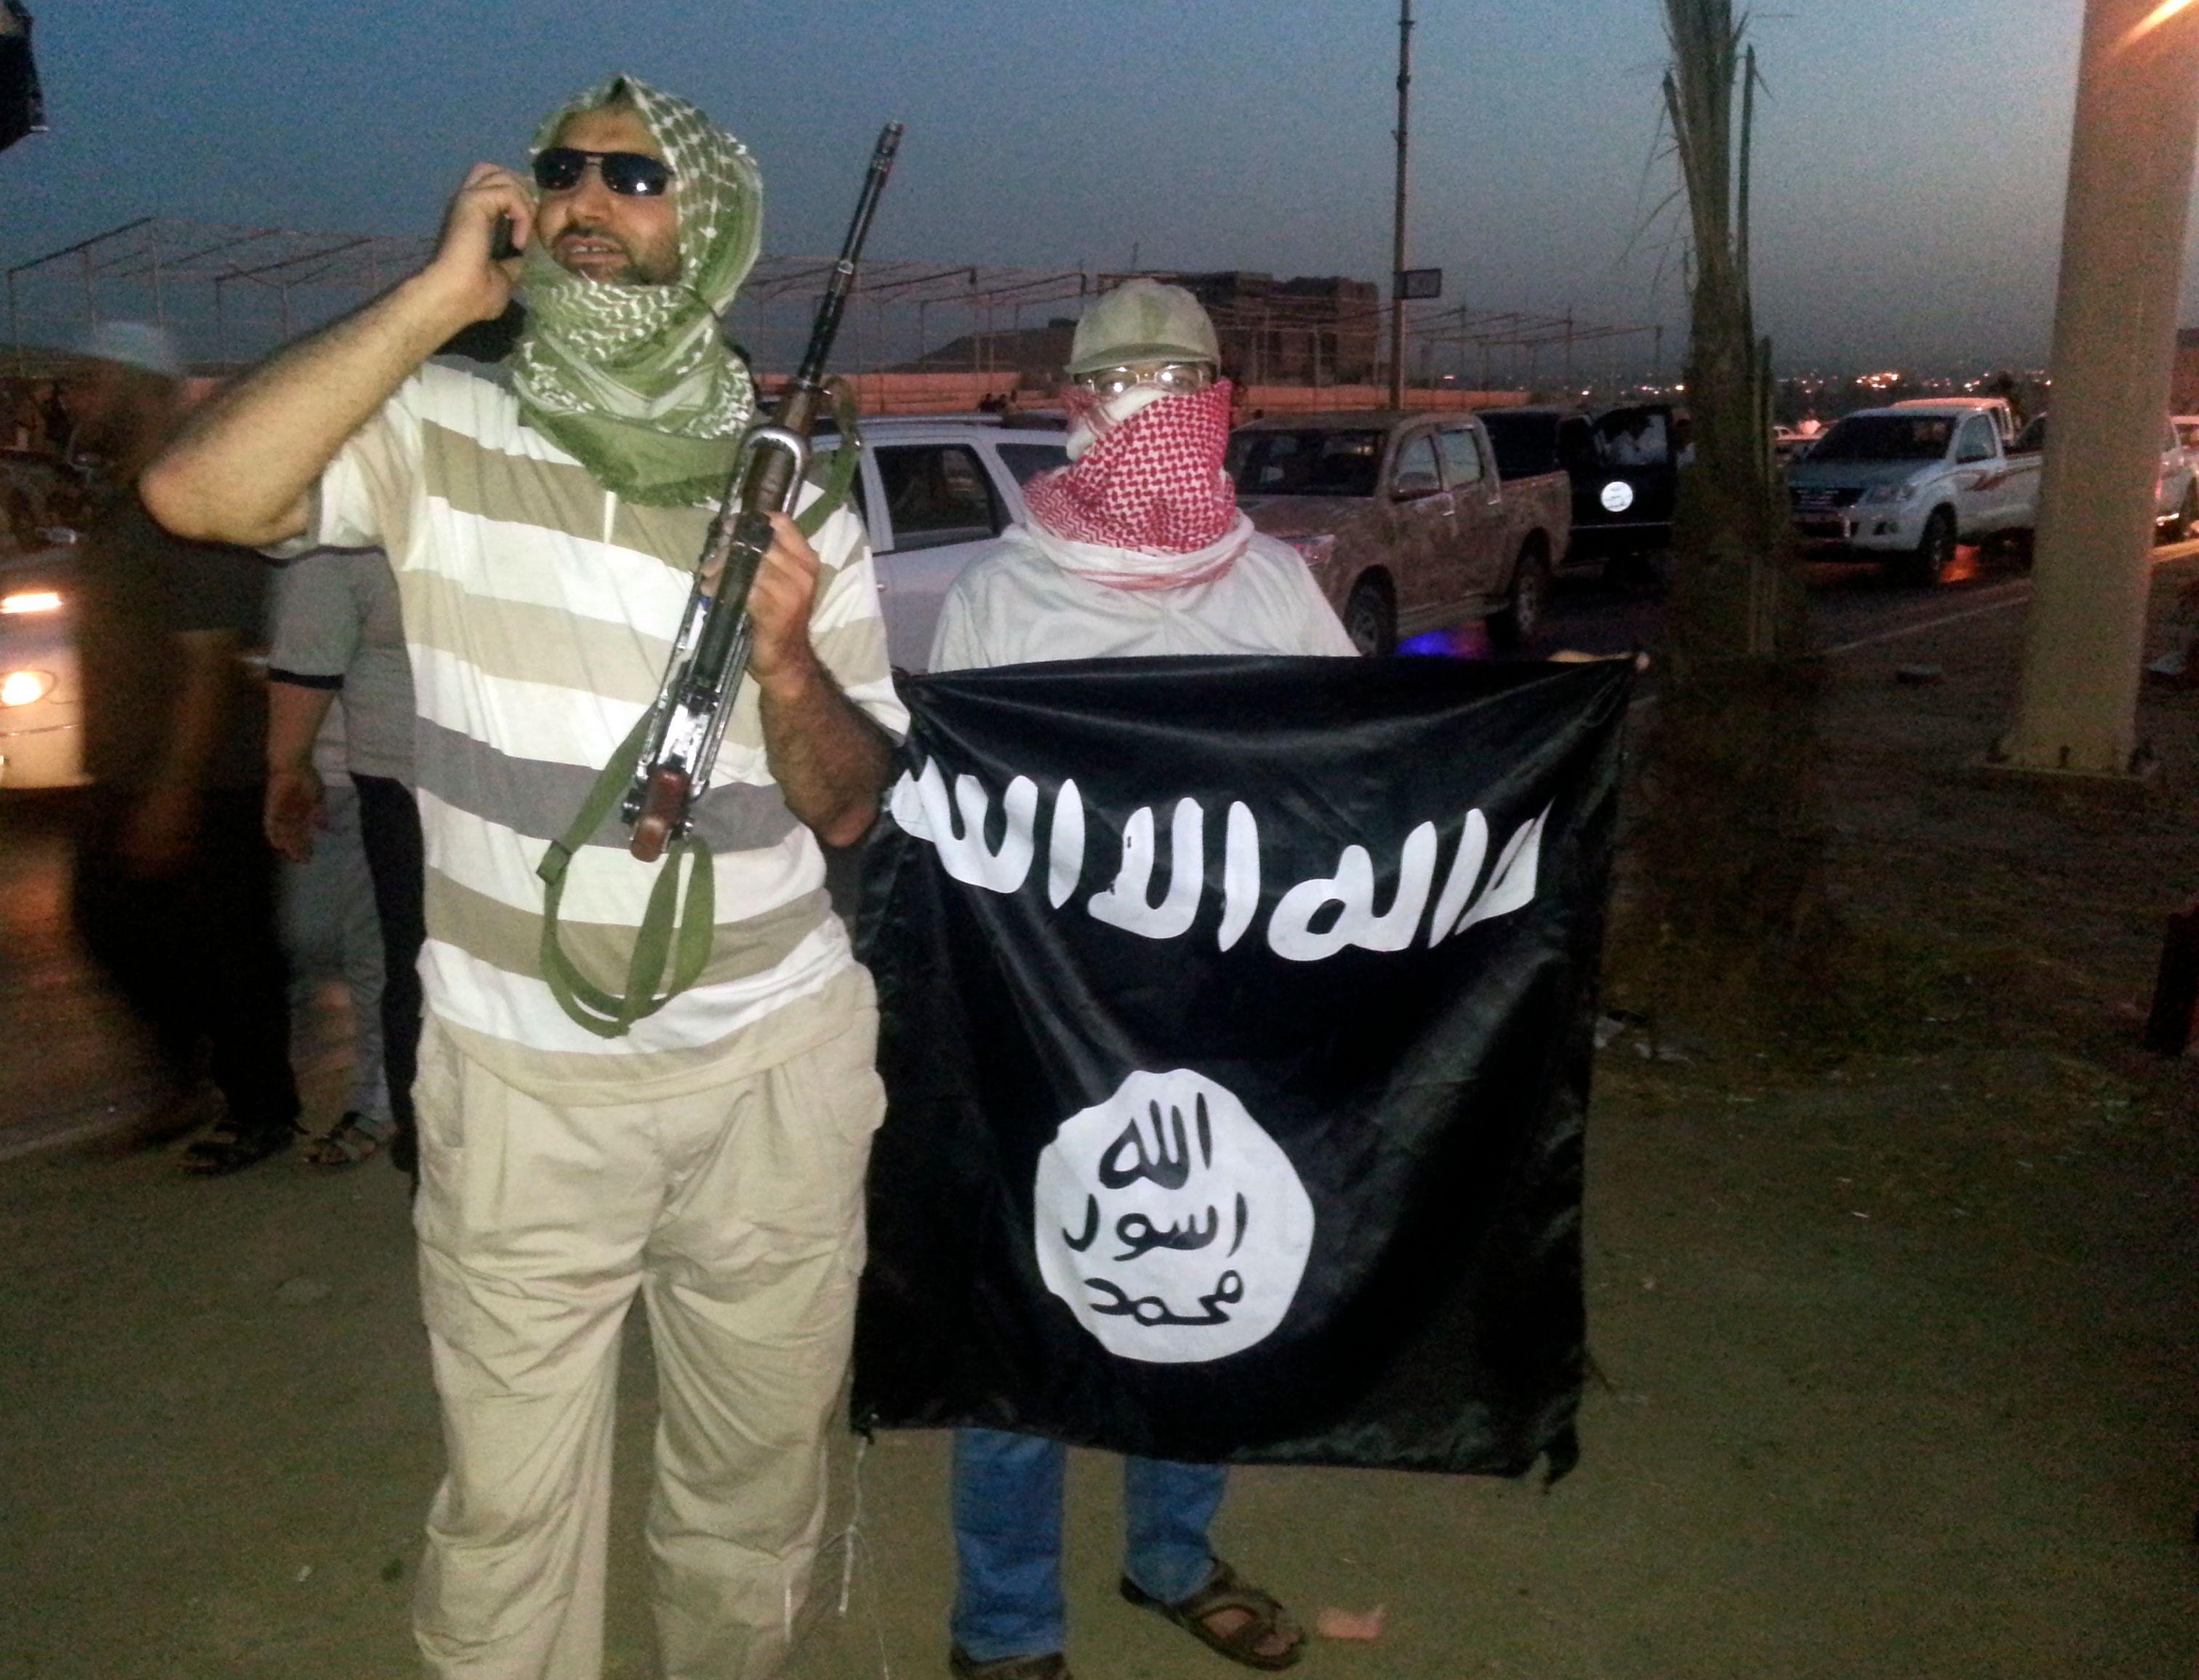 Dans la peau d'une djihadiste : des méthodes recrutements dignes du meilleur des commerciaux